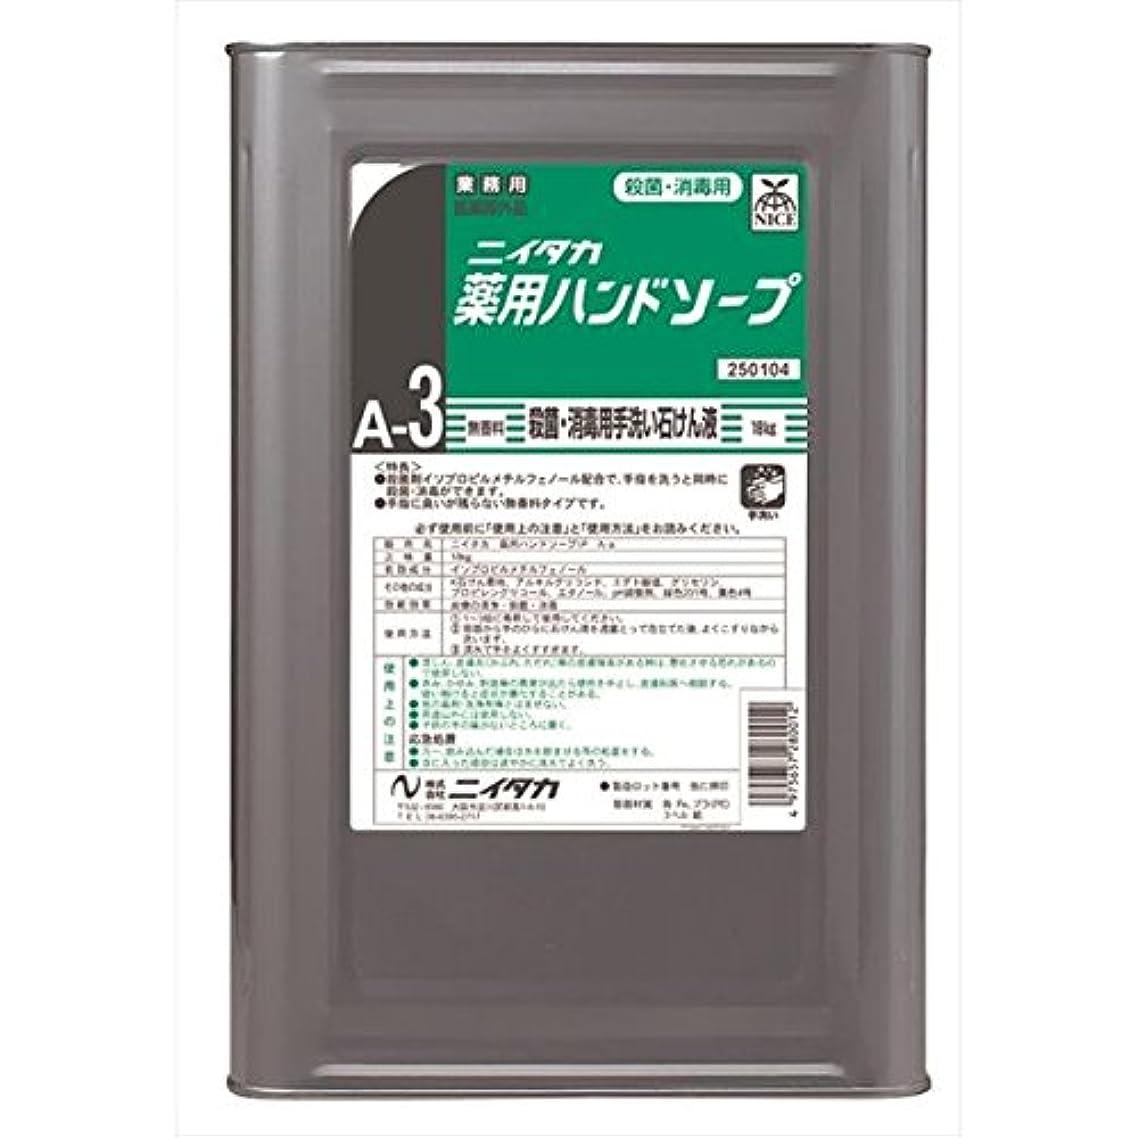 サミュエル特定の協定ニイタカ:薬用ハンドソープ(A-3) 18kg 250104